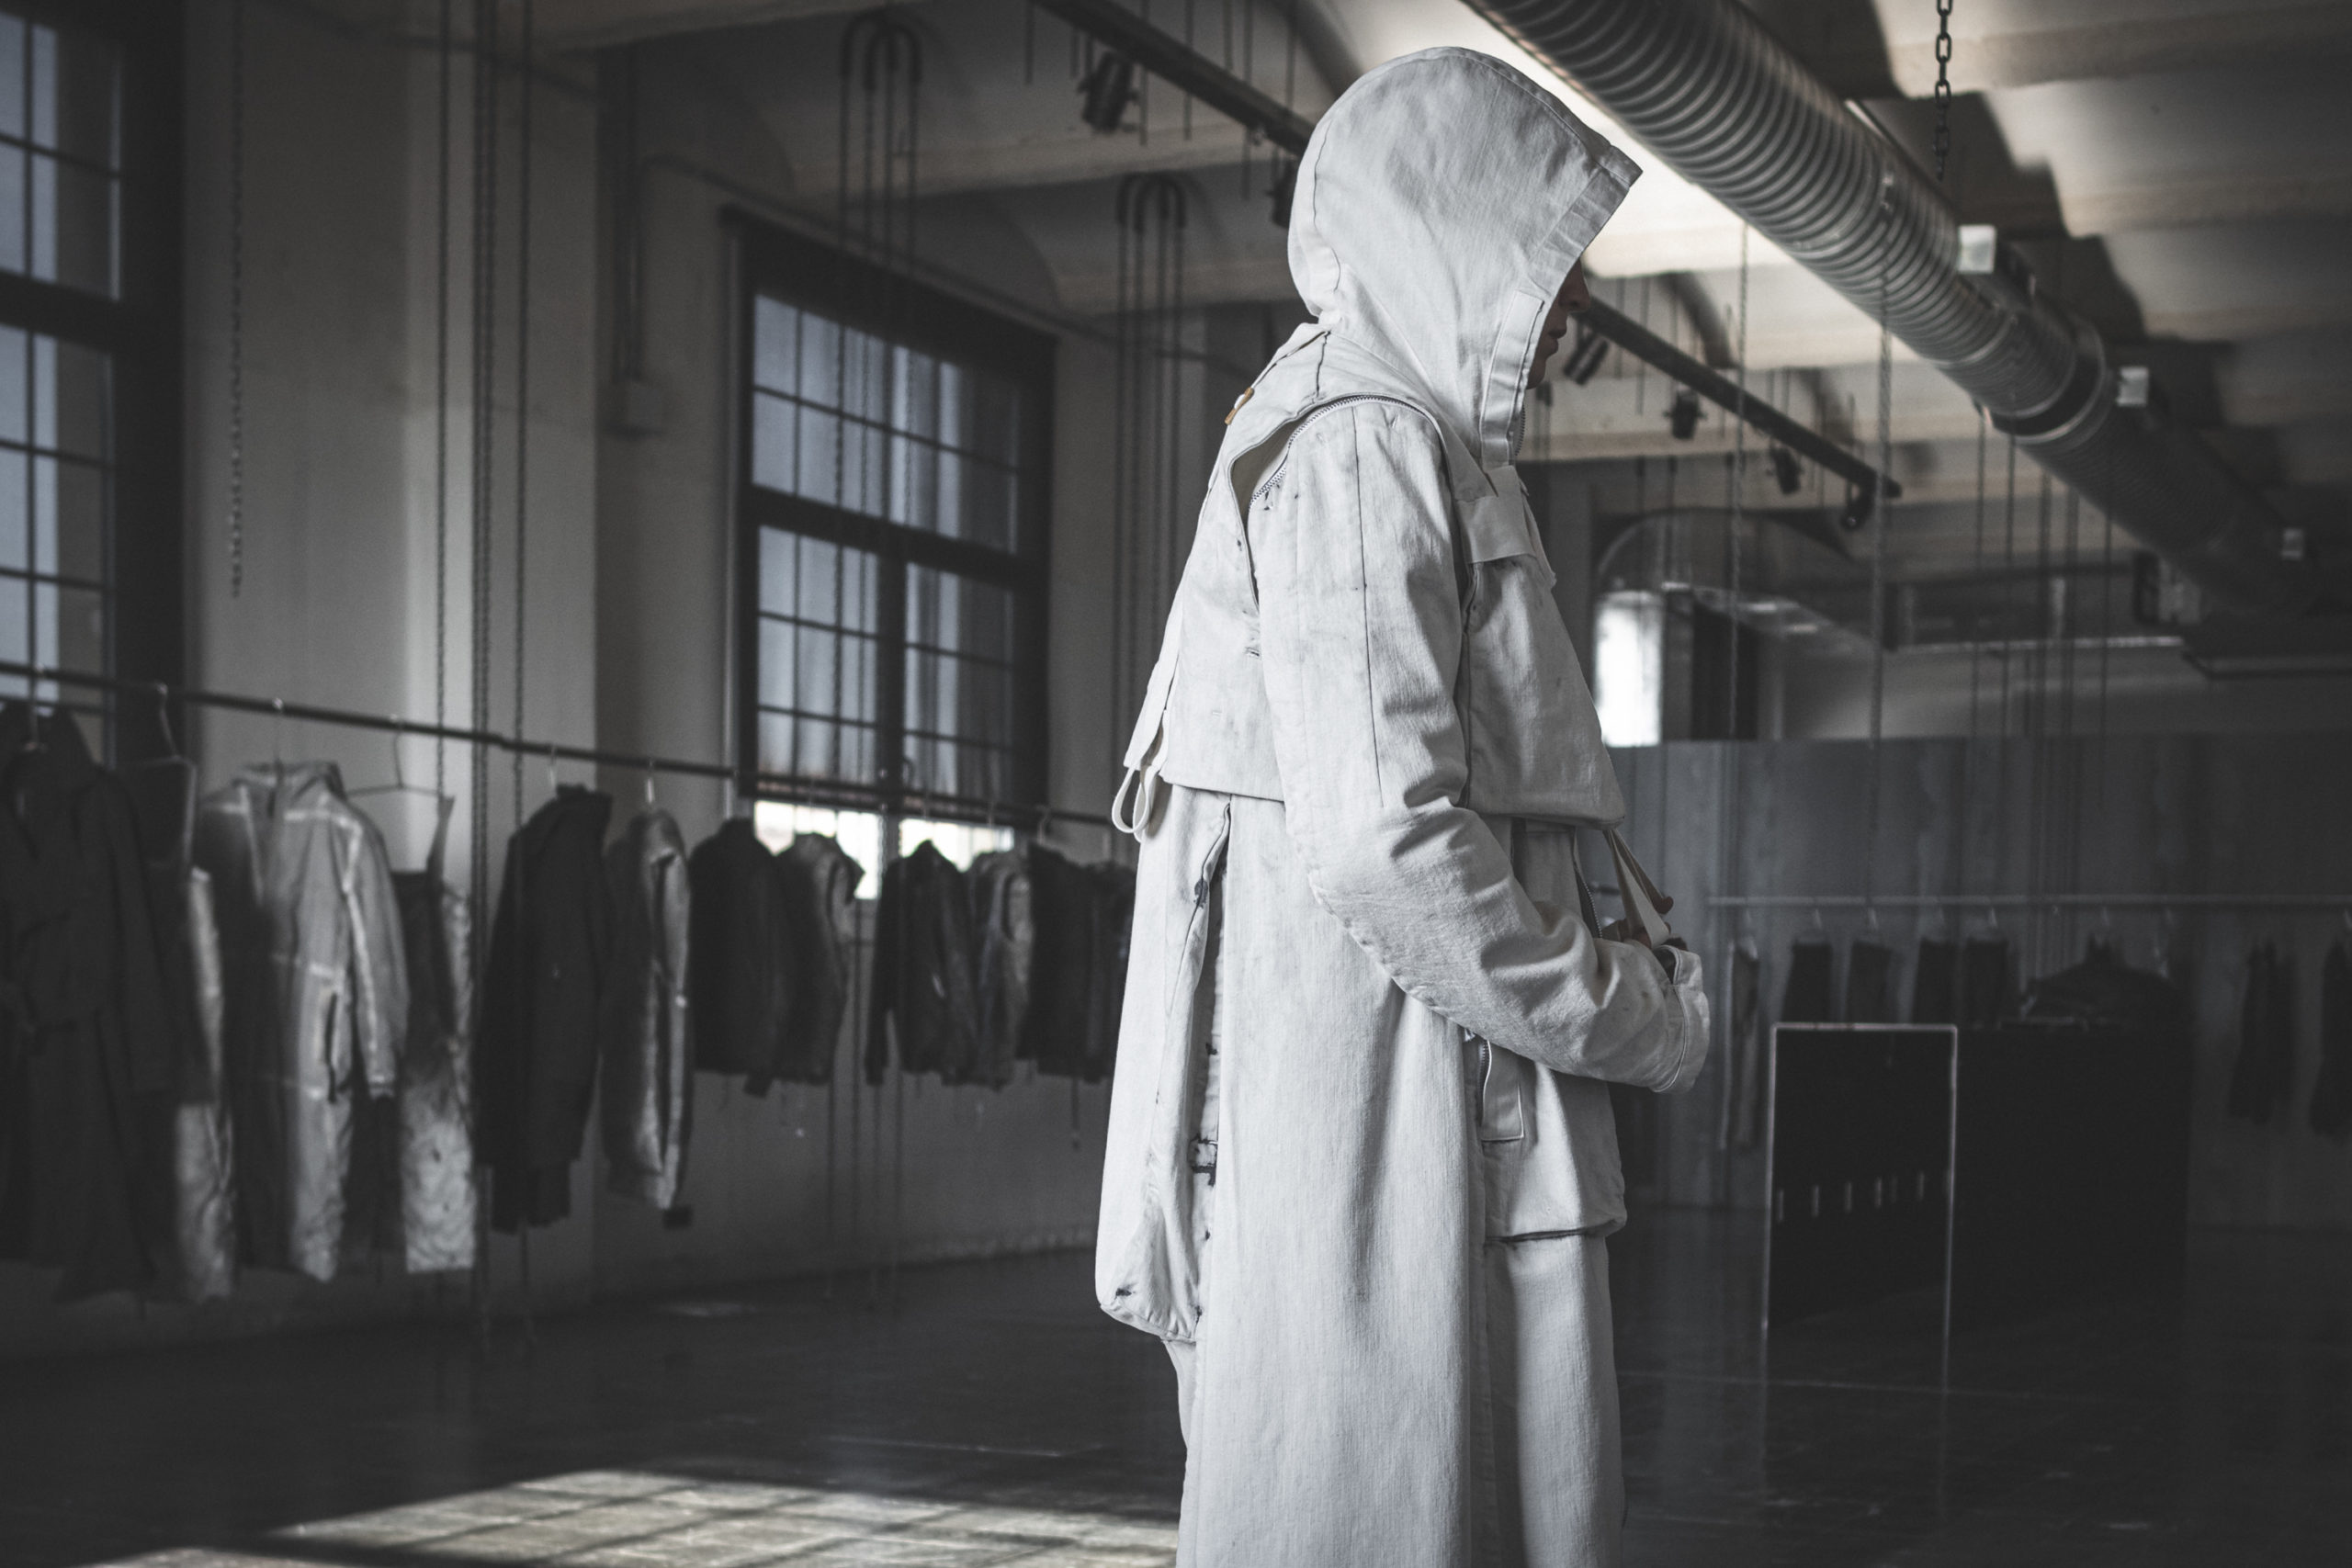 Stil Schlicht und ergreifend: Die modebewussten Menschen von Morgen kleiden sich zum Beispiel in die neue Kollektion des deutschen Designers Boris Bidjan Saberi.